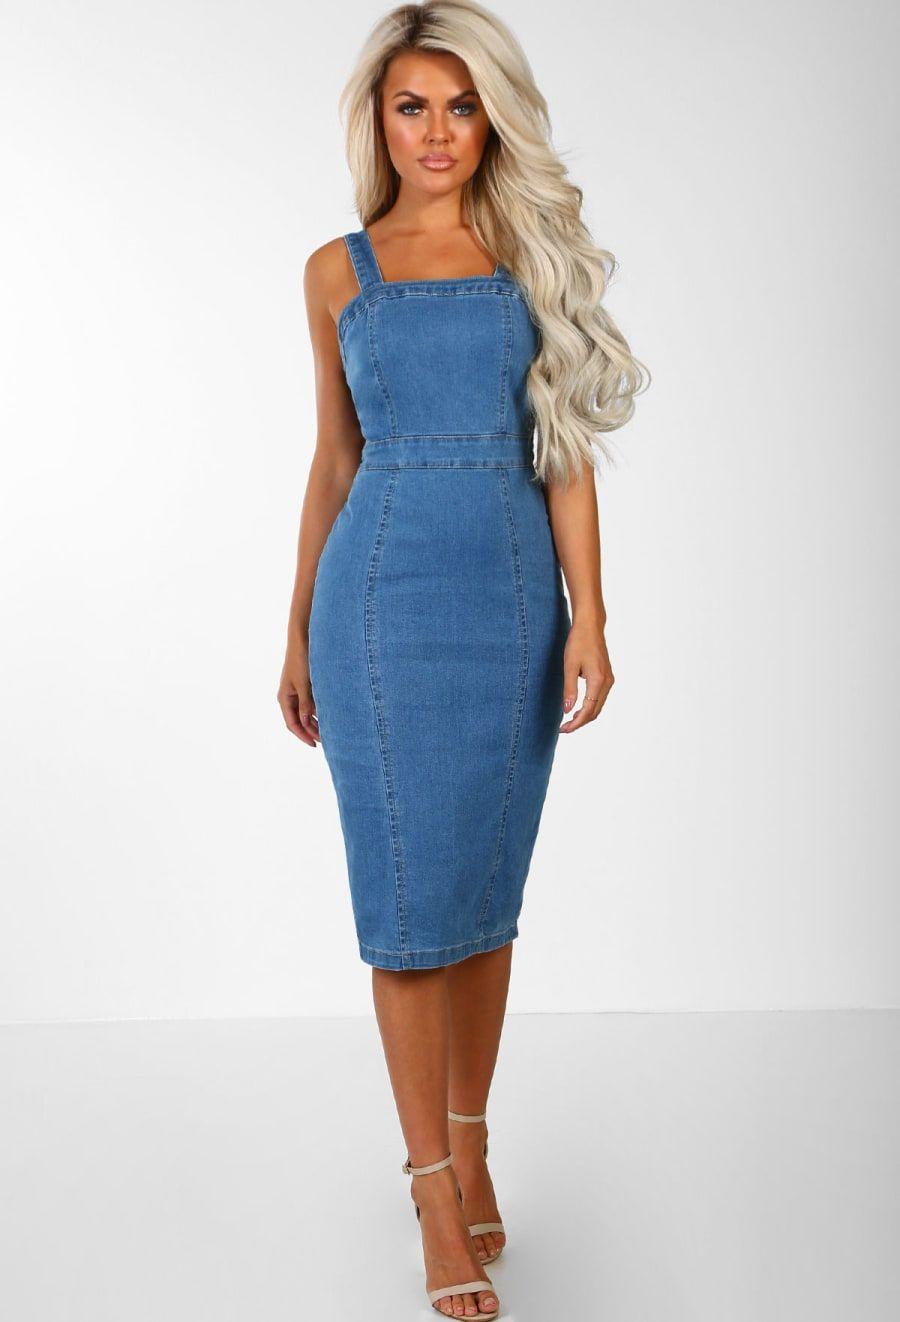 a5b8884a48f7 Denim Babe Mid Blue Bodycon Denim Midi Dress - 6 in 2019 | Vestidos ...